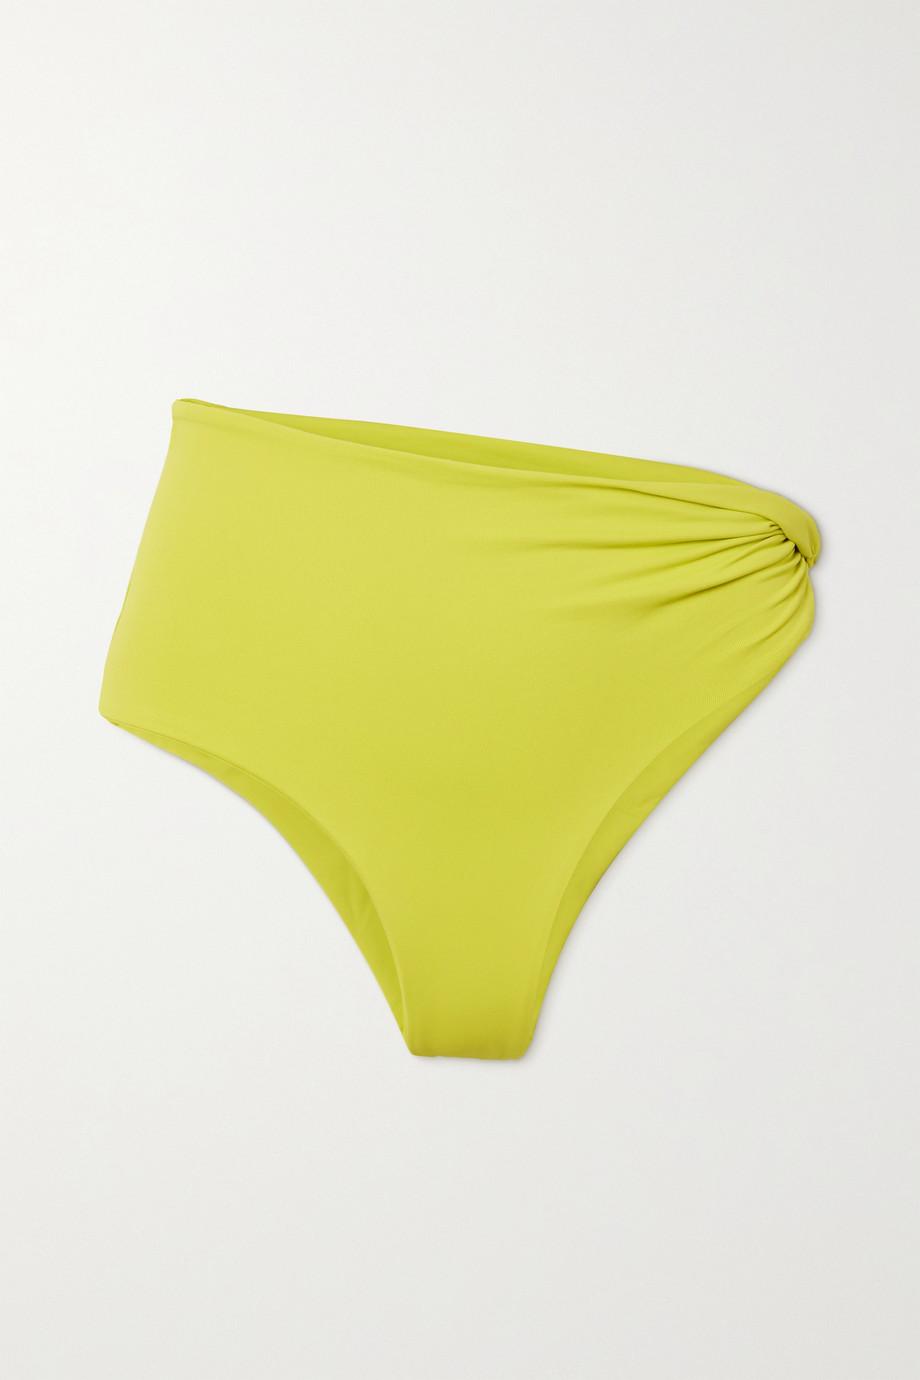 The Attico Twisted ribbed bikini briefs